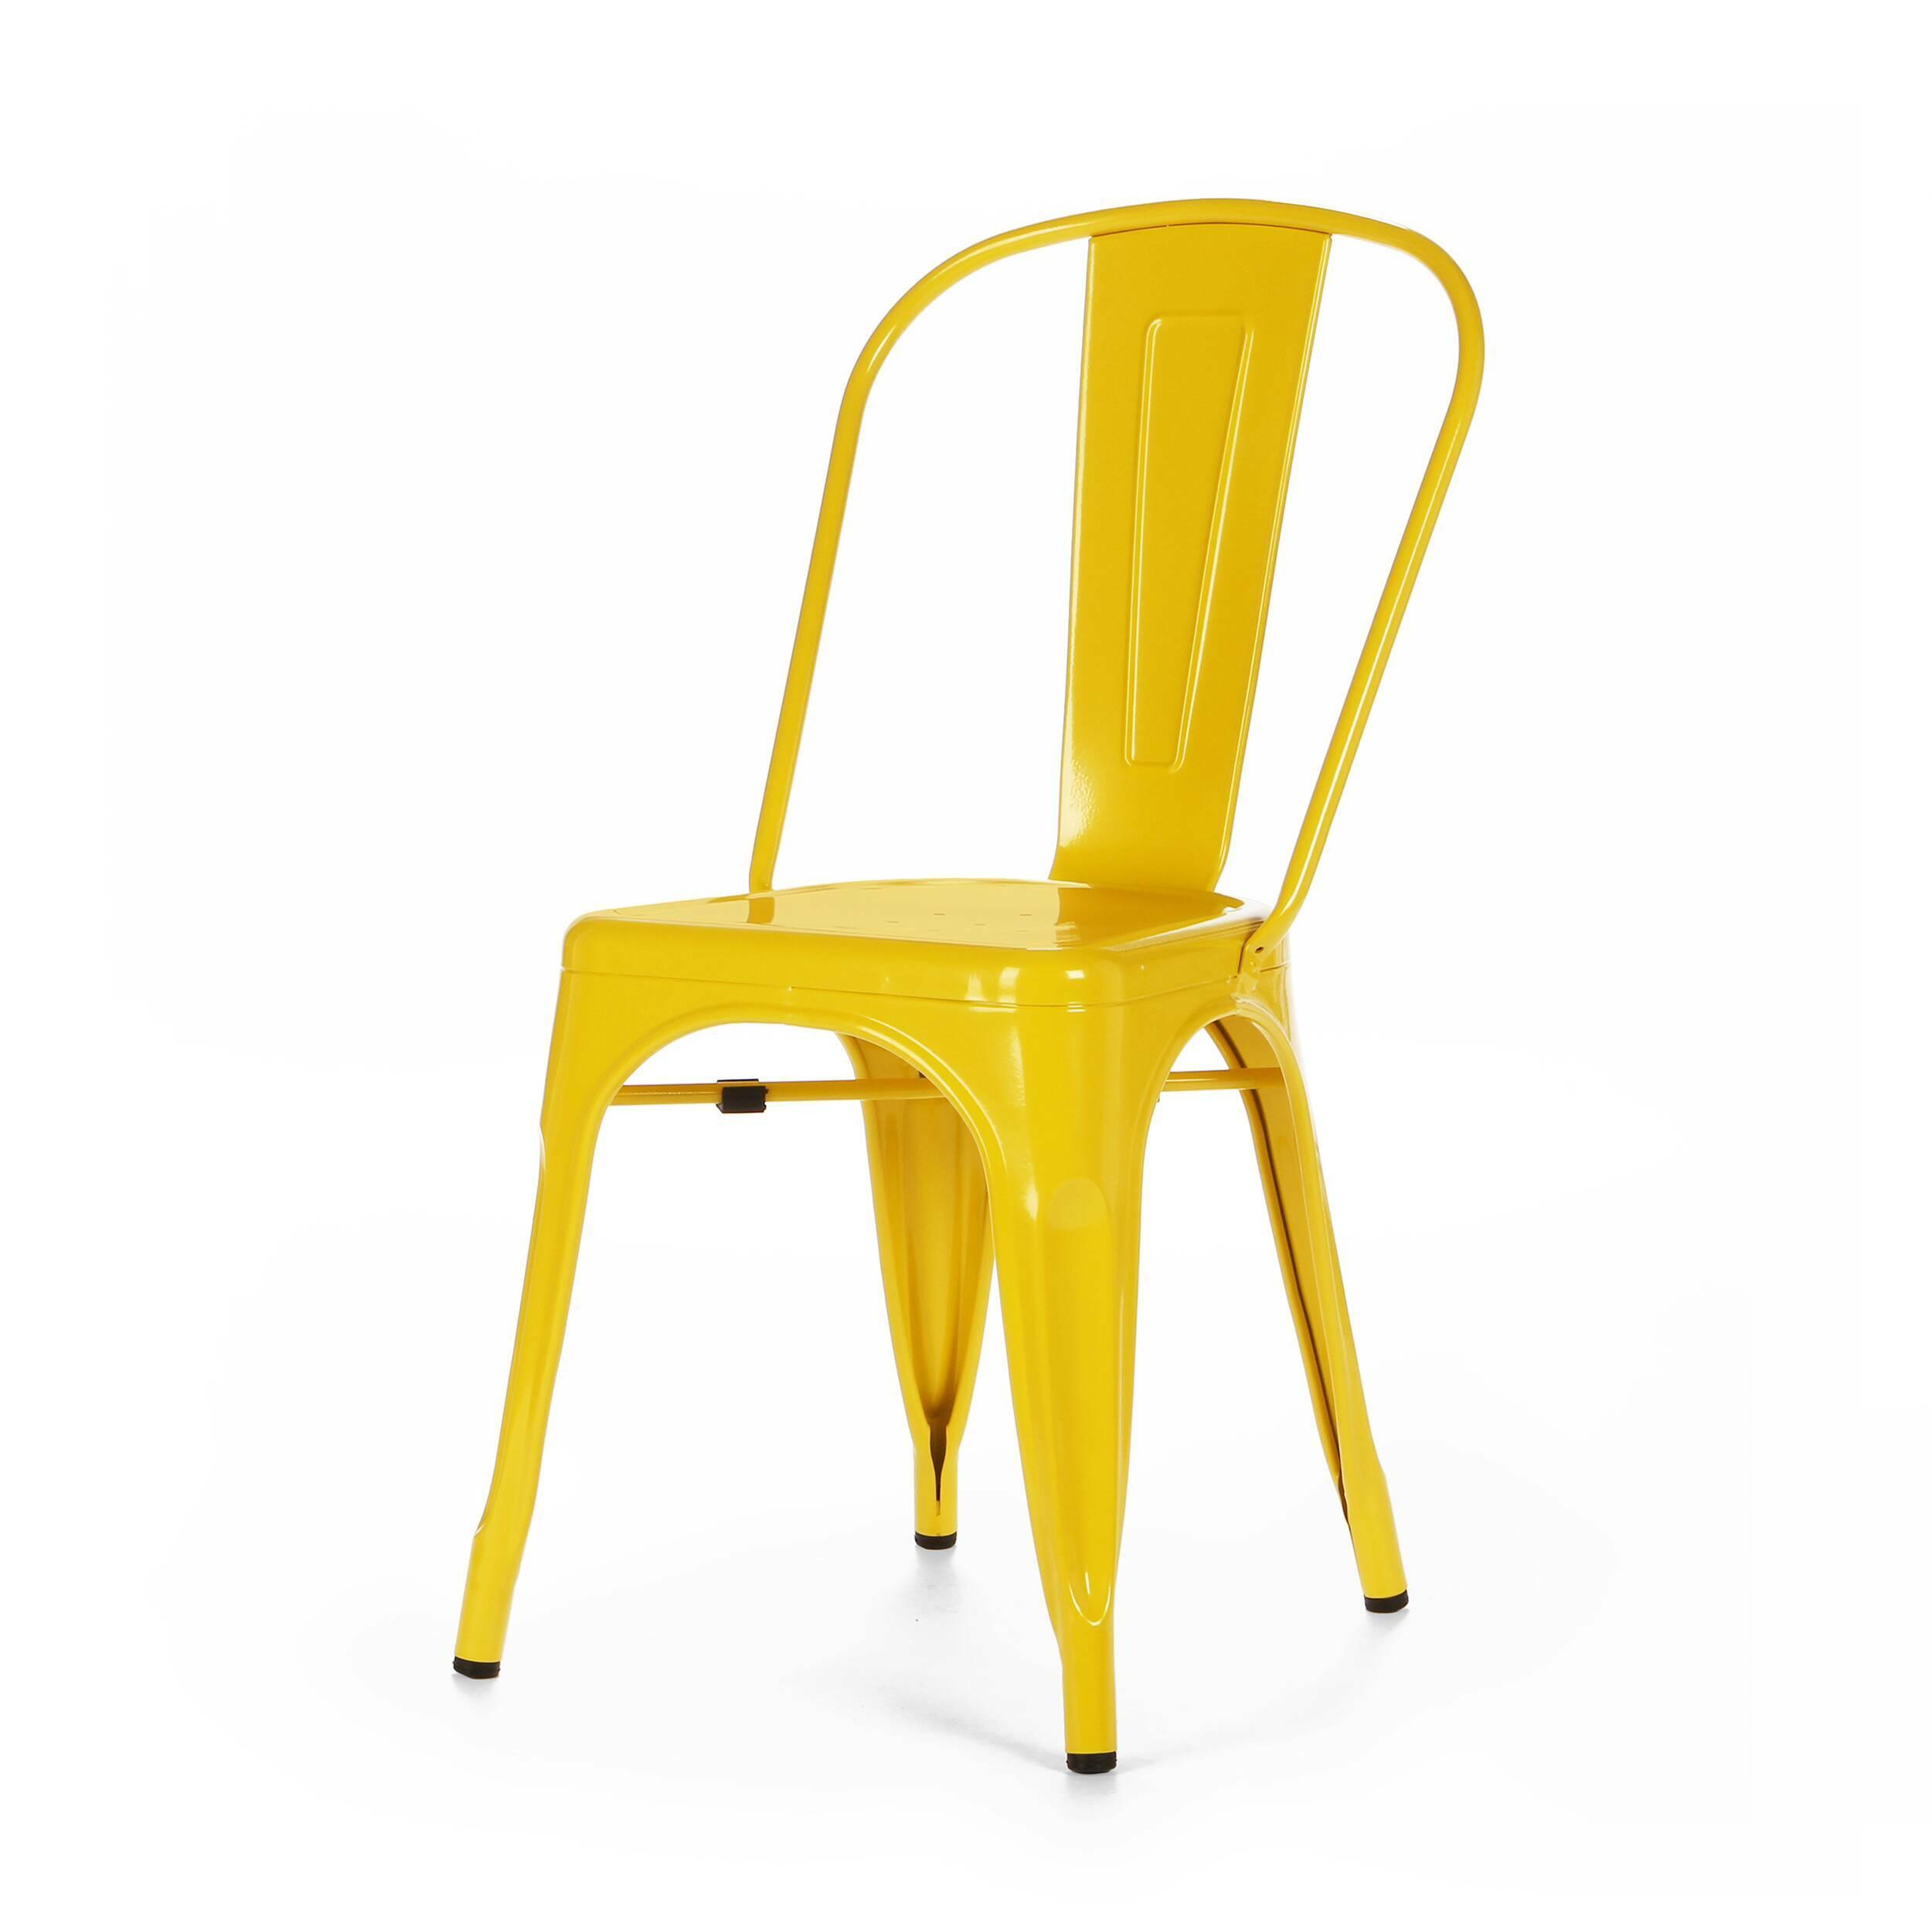 Стул Marais ColorИнтерьерные<br>Дизайнерский яркий однотонный стул Marais Color (Мэрейс Колор) из стали без подлокотников от Cosmo (Космо).<br>Яркий дизайн стула Marais Color непременно понравится вам и вашей семье. Насыщенные цвета задали положительный тон облику изделия, поэтому он невероятно актуален для декорирования гостиных, детских и кухонь в стиле лофт. Лофт — это сочетание старого (кирпичные, отштукатуренные или крашеные стены, дощатый пол) и нового (стекло, металл, ультрасовременная бытовая техника).<br><br>     Примеча...<br><br>stock: 6<br>Высота: 84,5<br>Высота сиденья: 46<br>Ширина: 53<br>Глубина: 45<br>Тип материала каркаса: Сталь<br>Цвет каркаса: Желтый